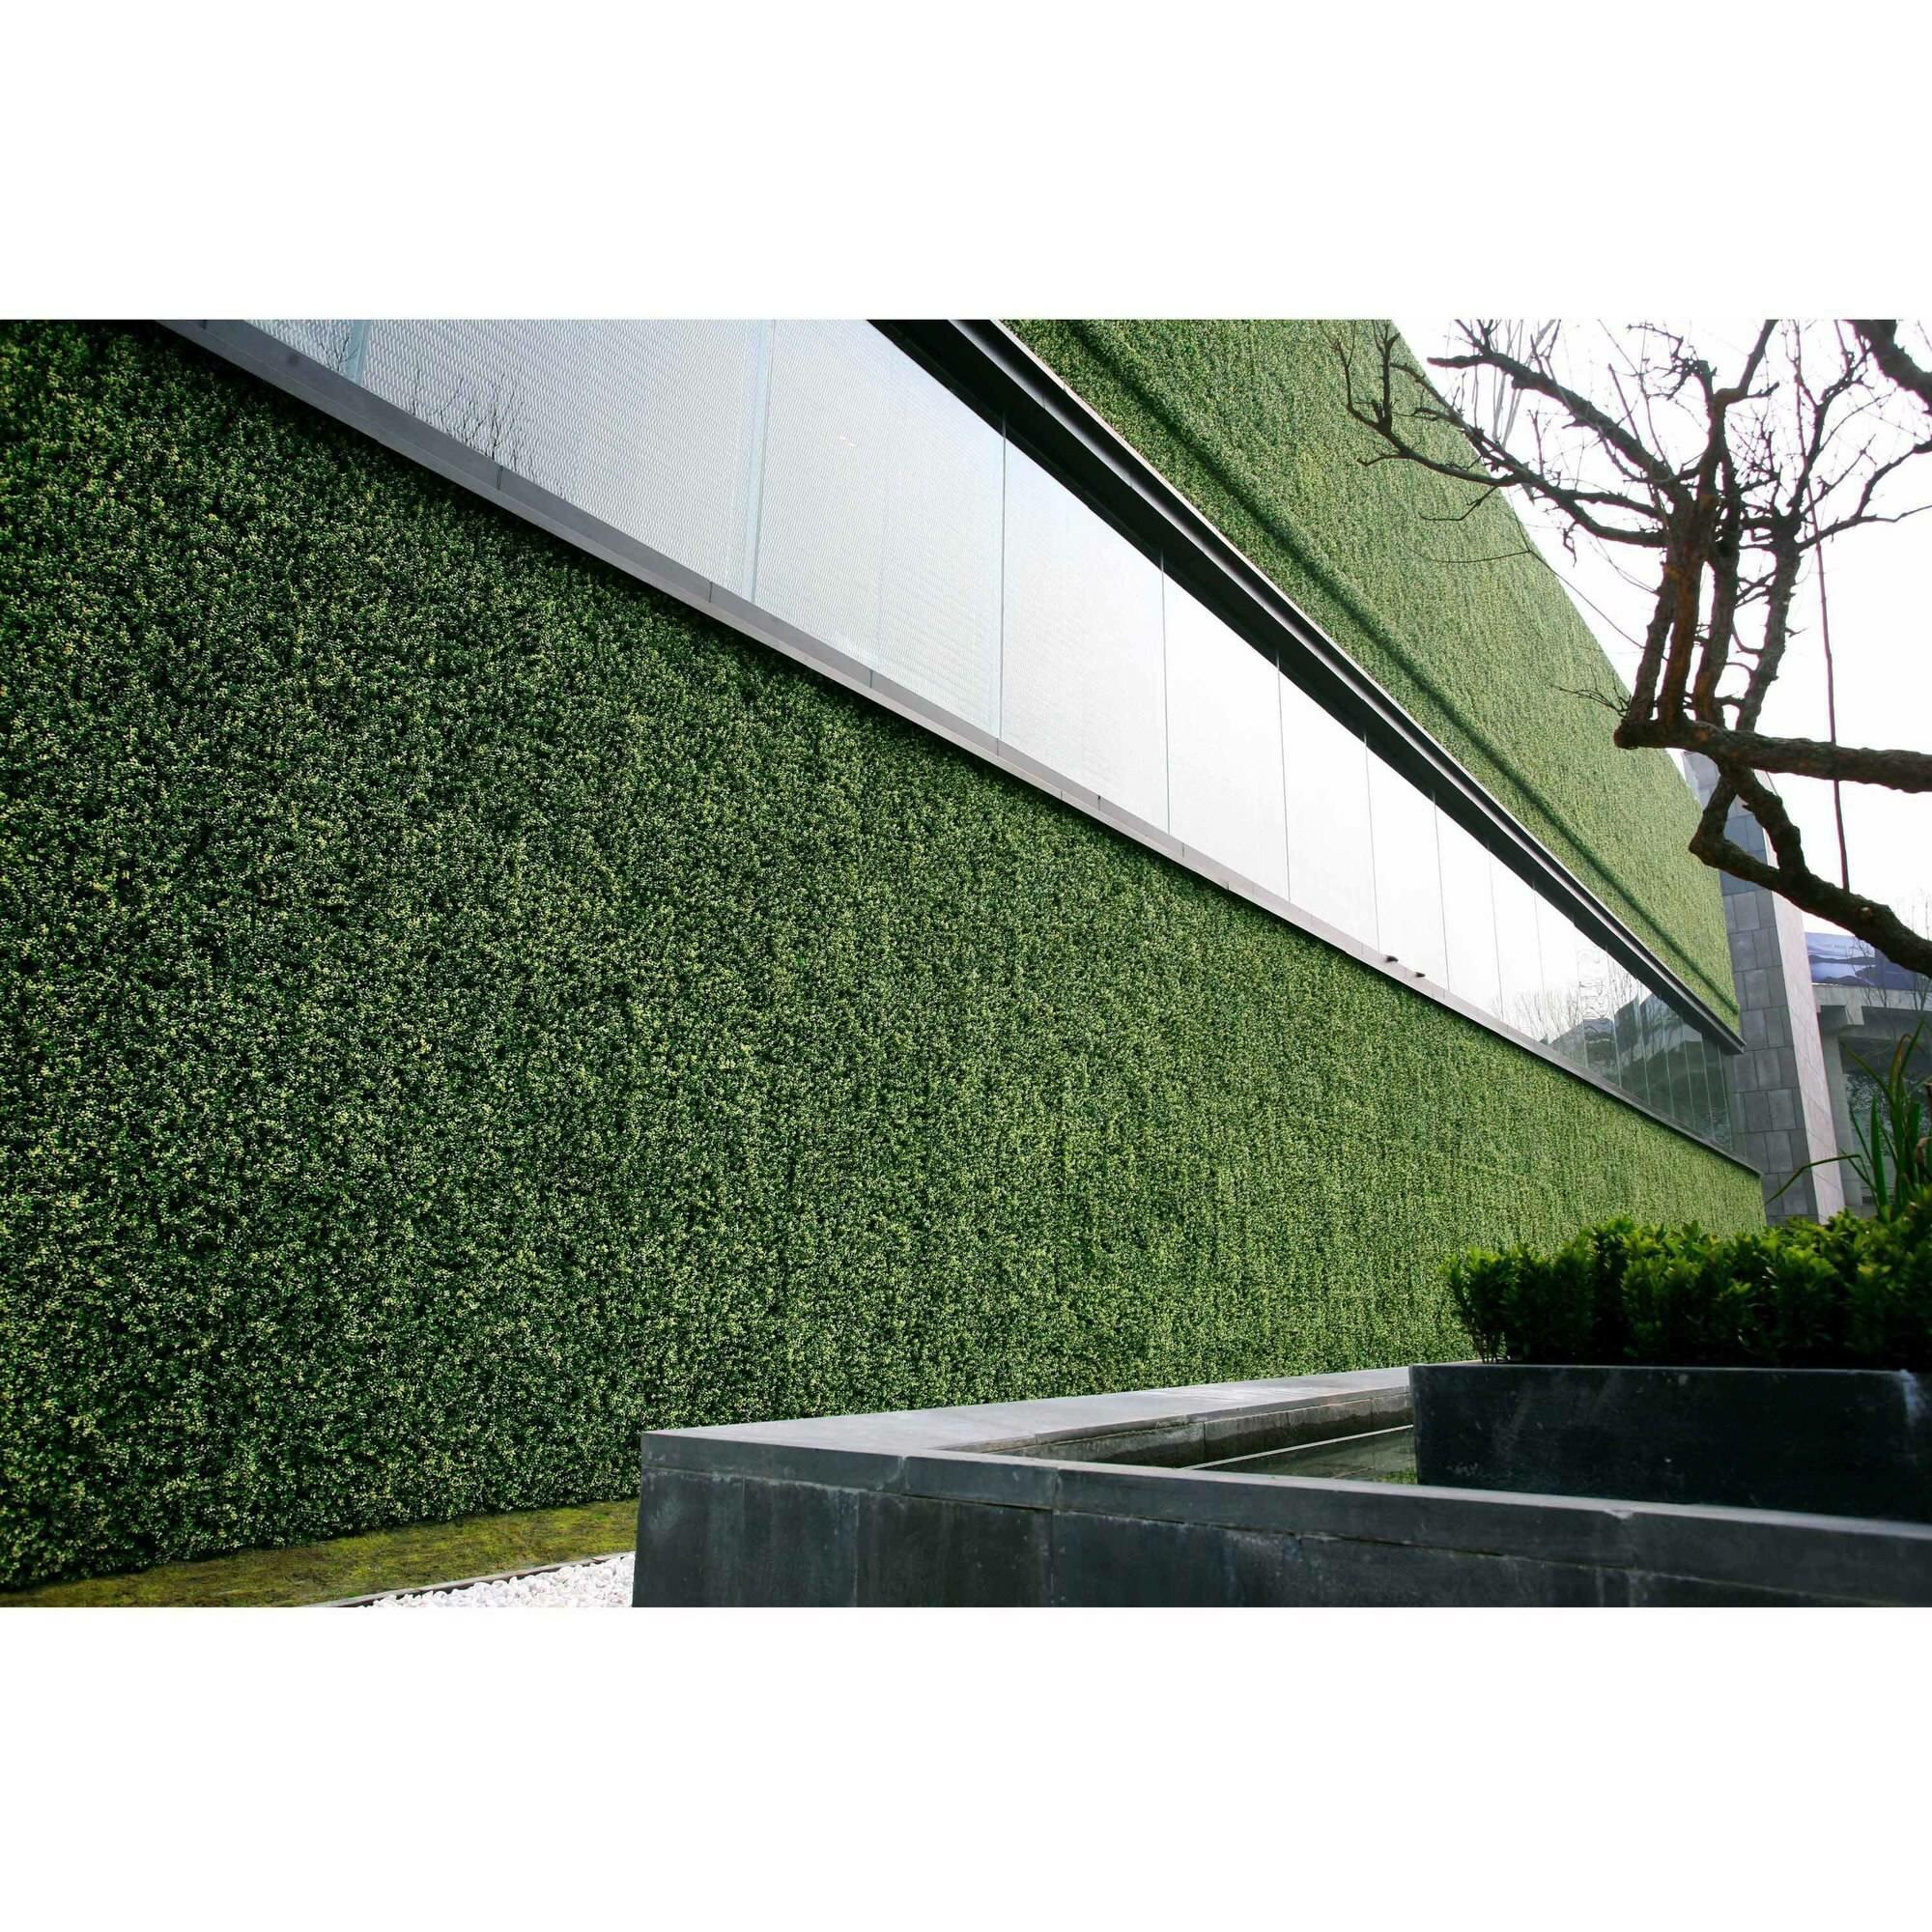 E Joy 1 7 Ft H X 1 7 Ft W Polyethylene Fence Panel Wayfair